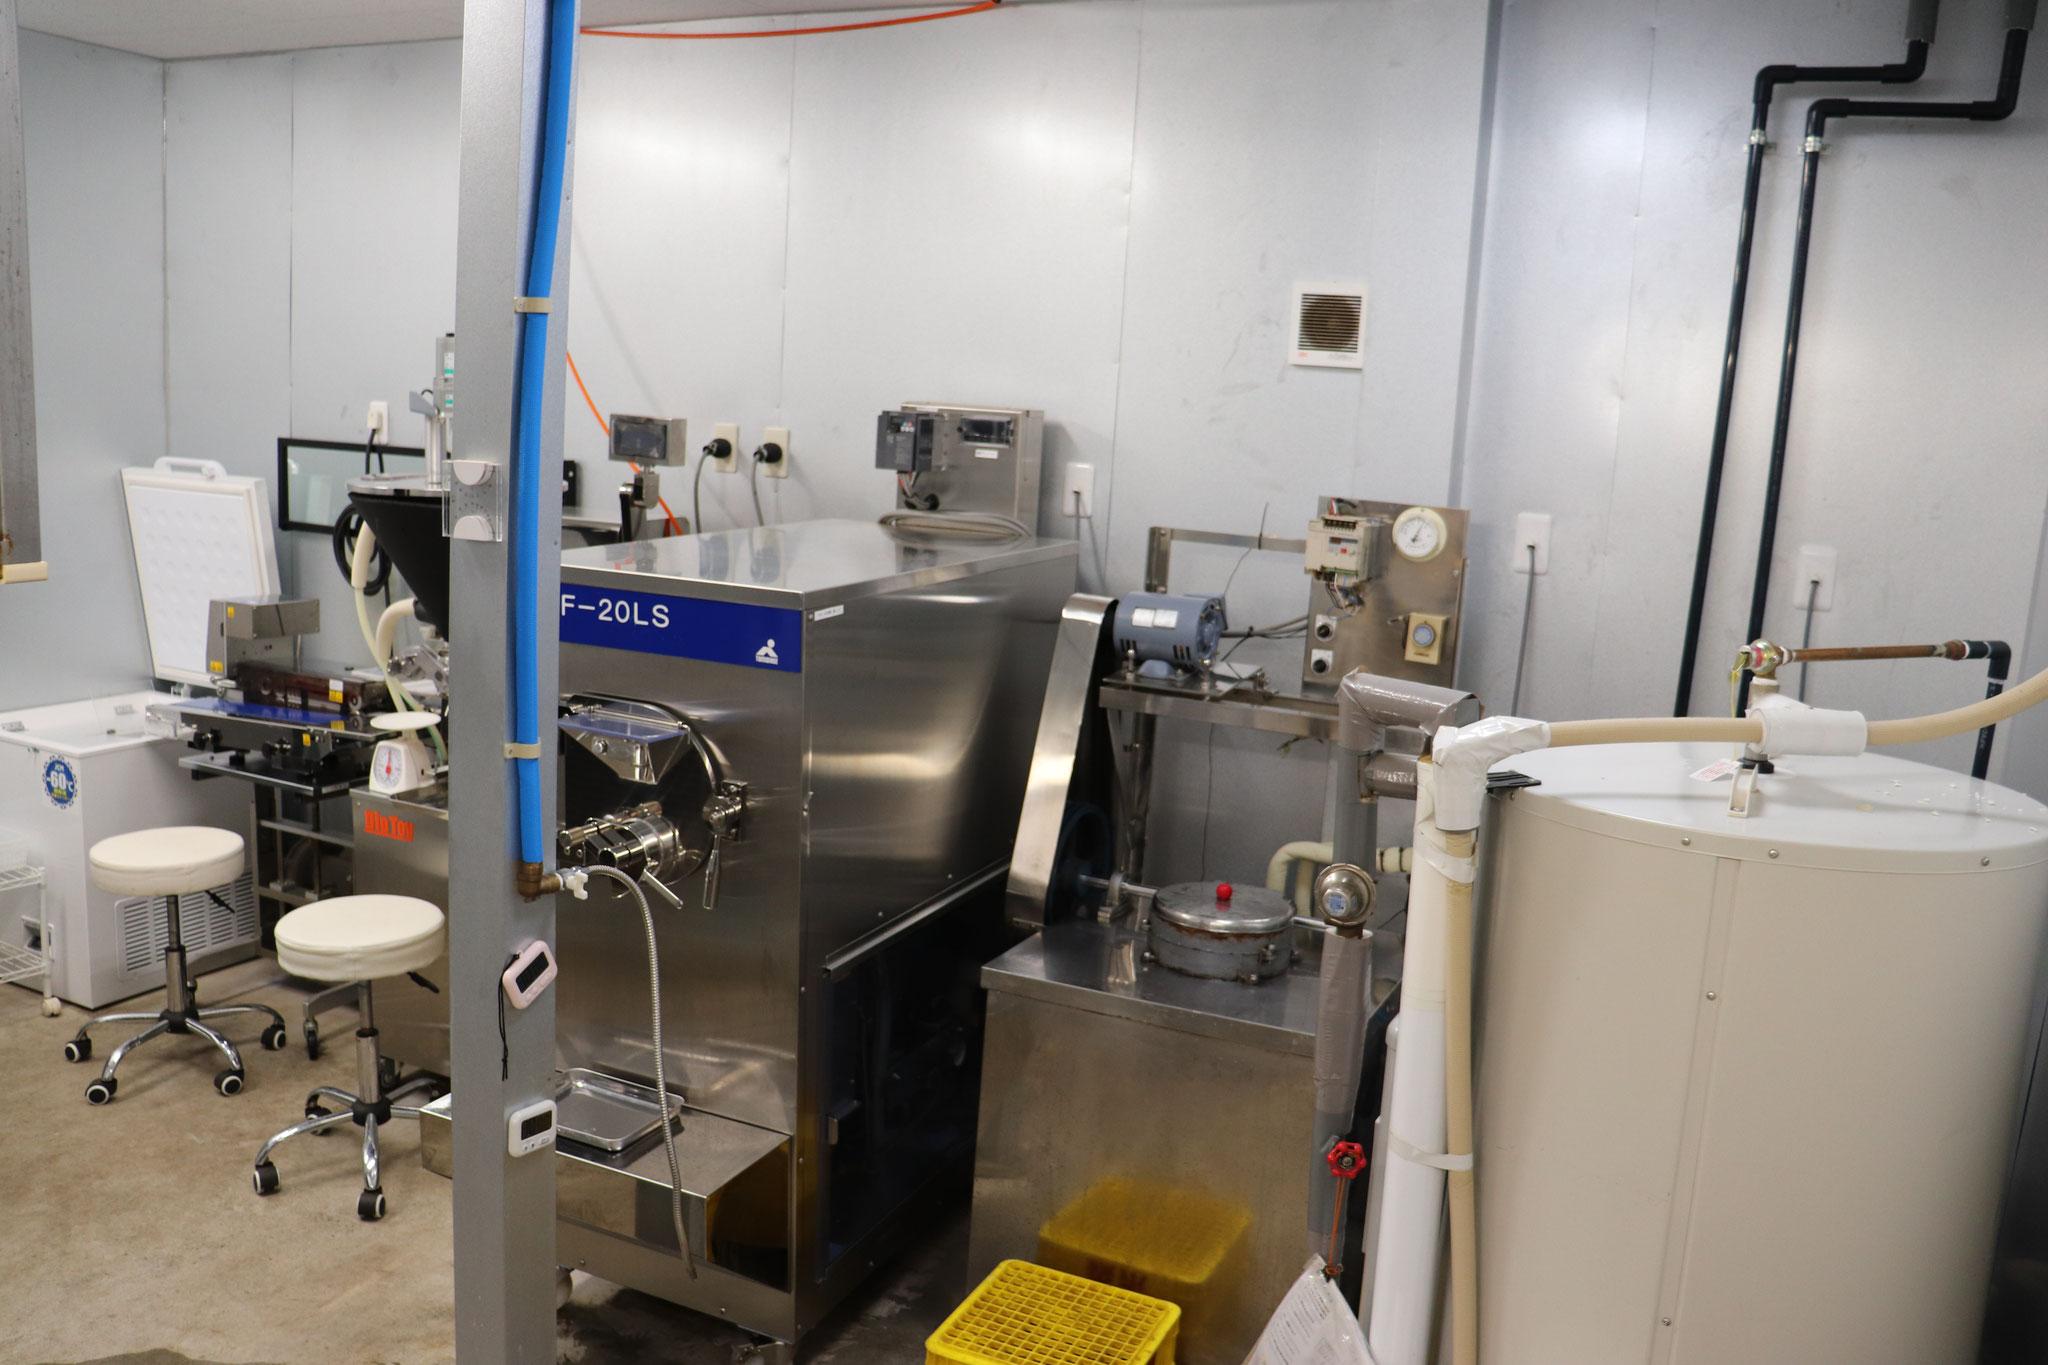 80℃ボイラーと70年近く活躍を続けているアイスクリームフリーザーです。